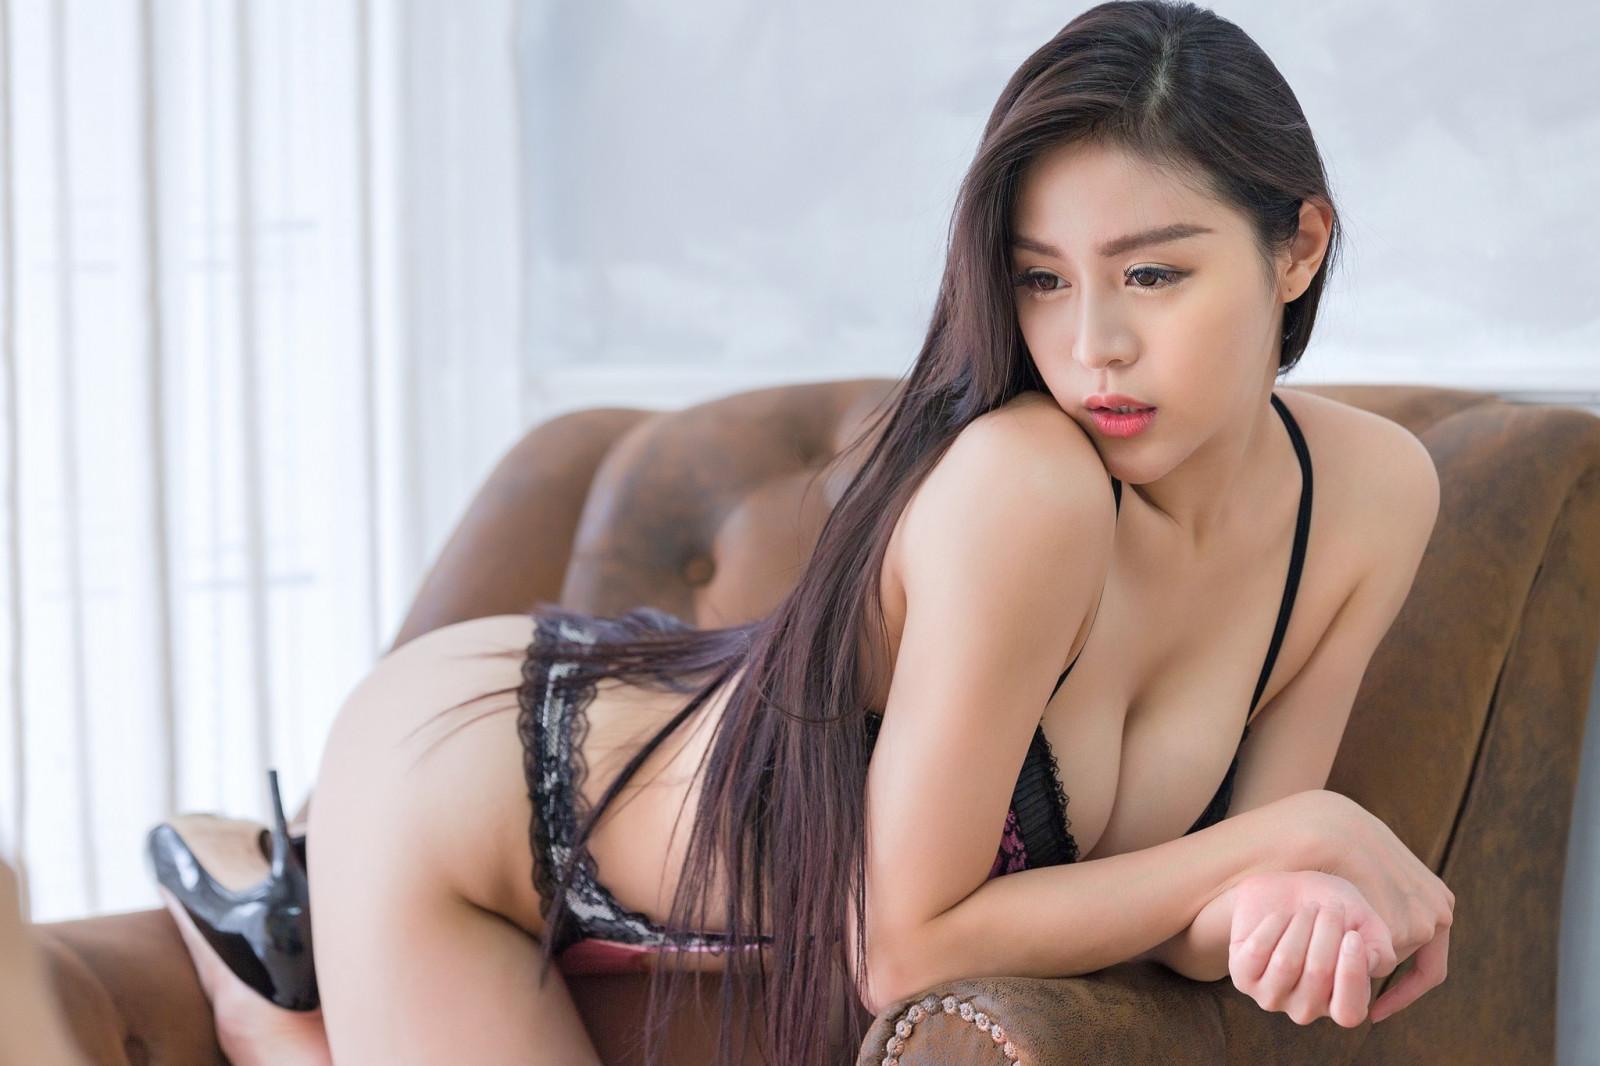 Cristina del basso porn